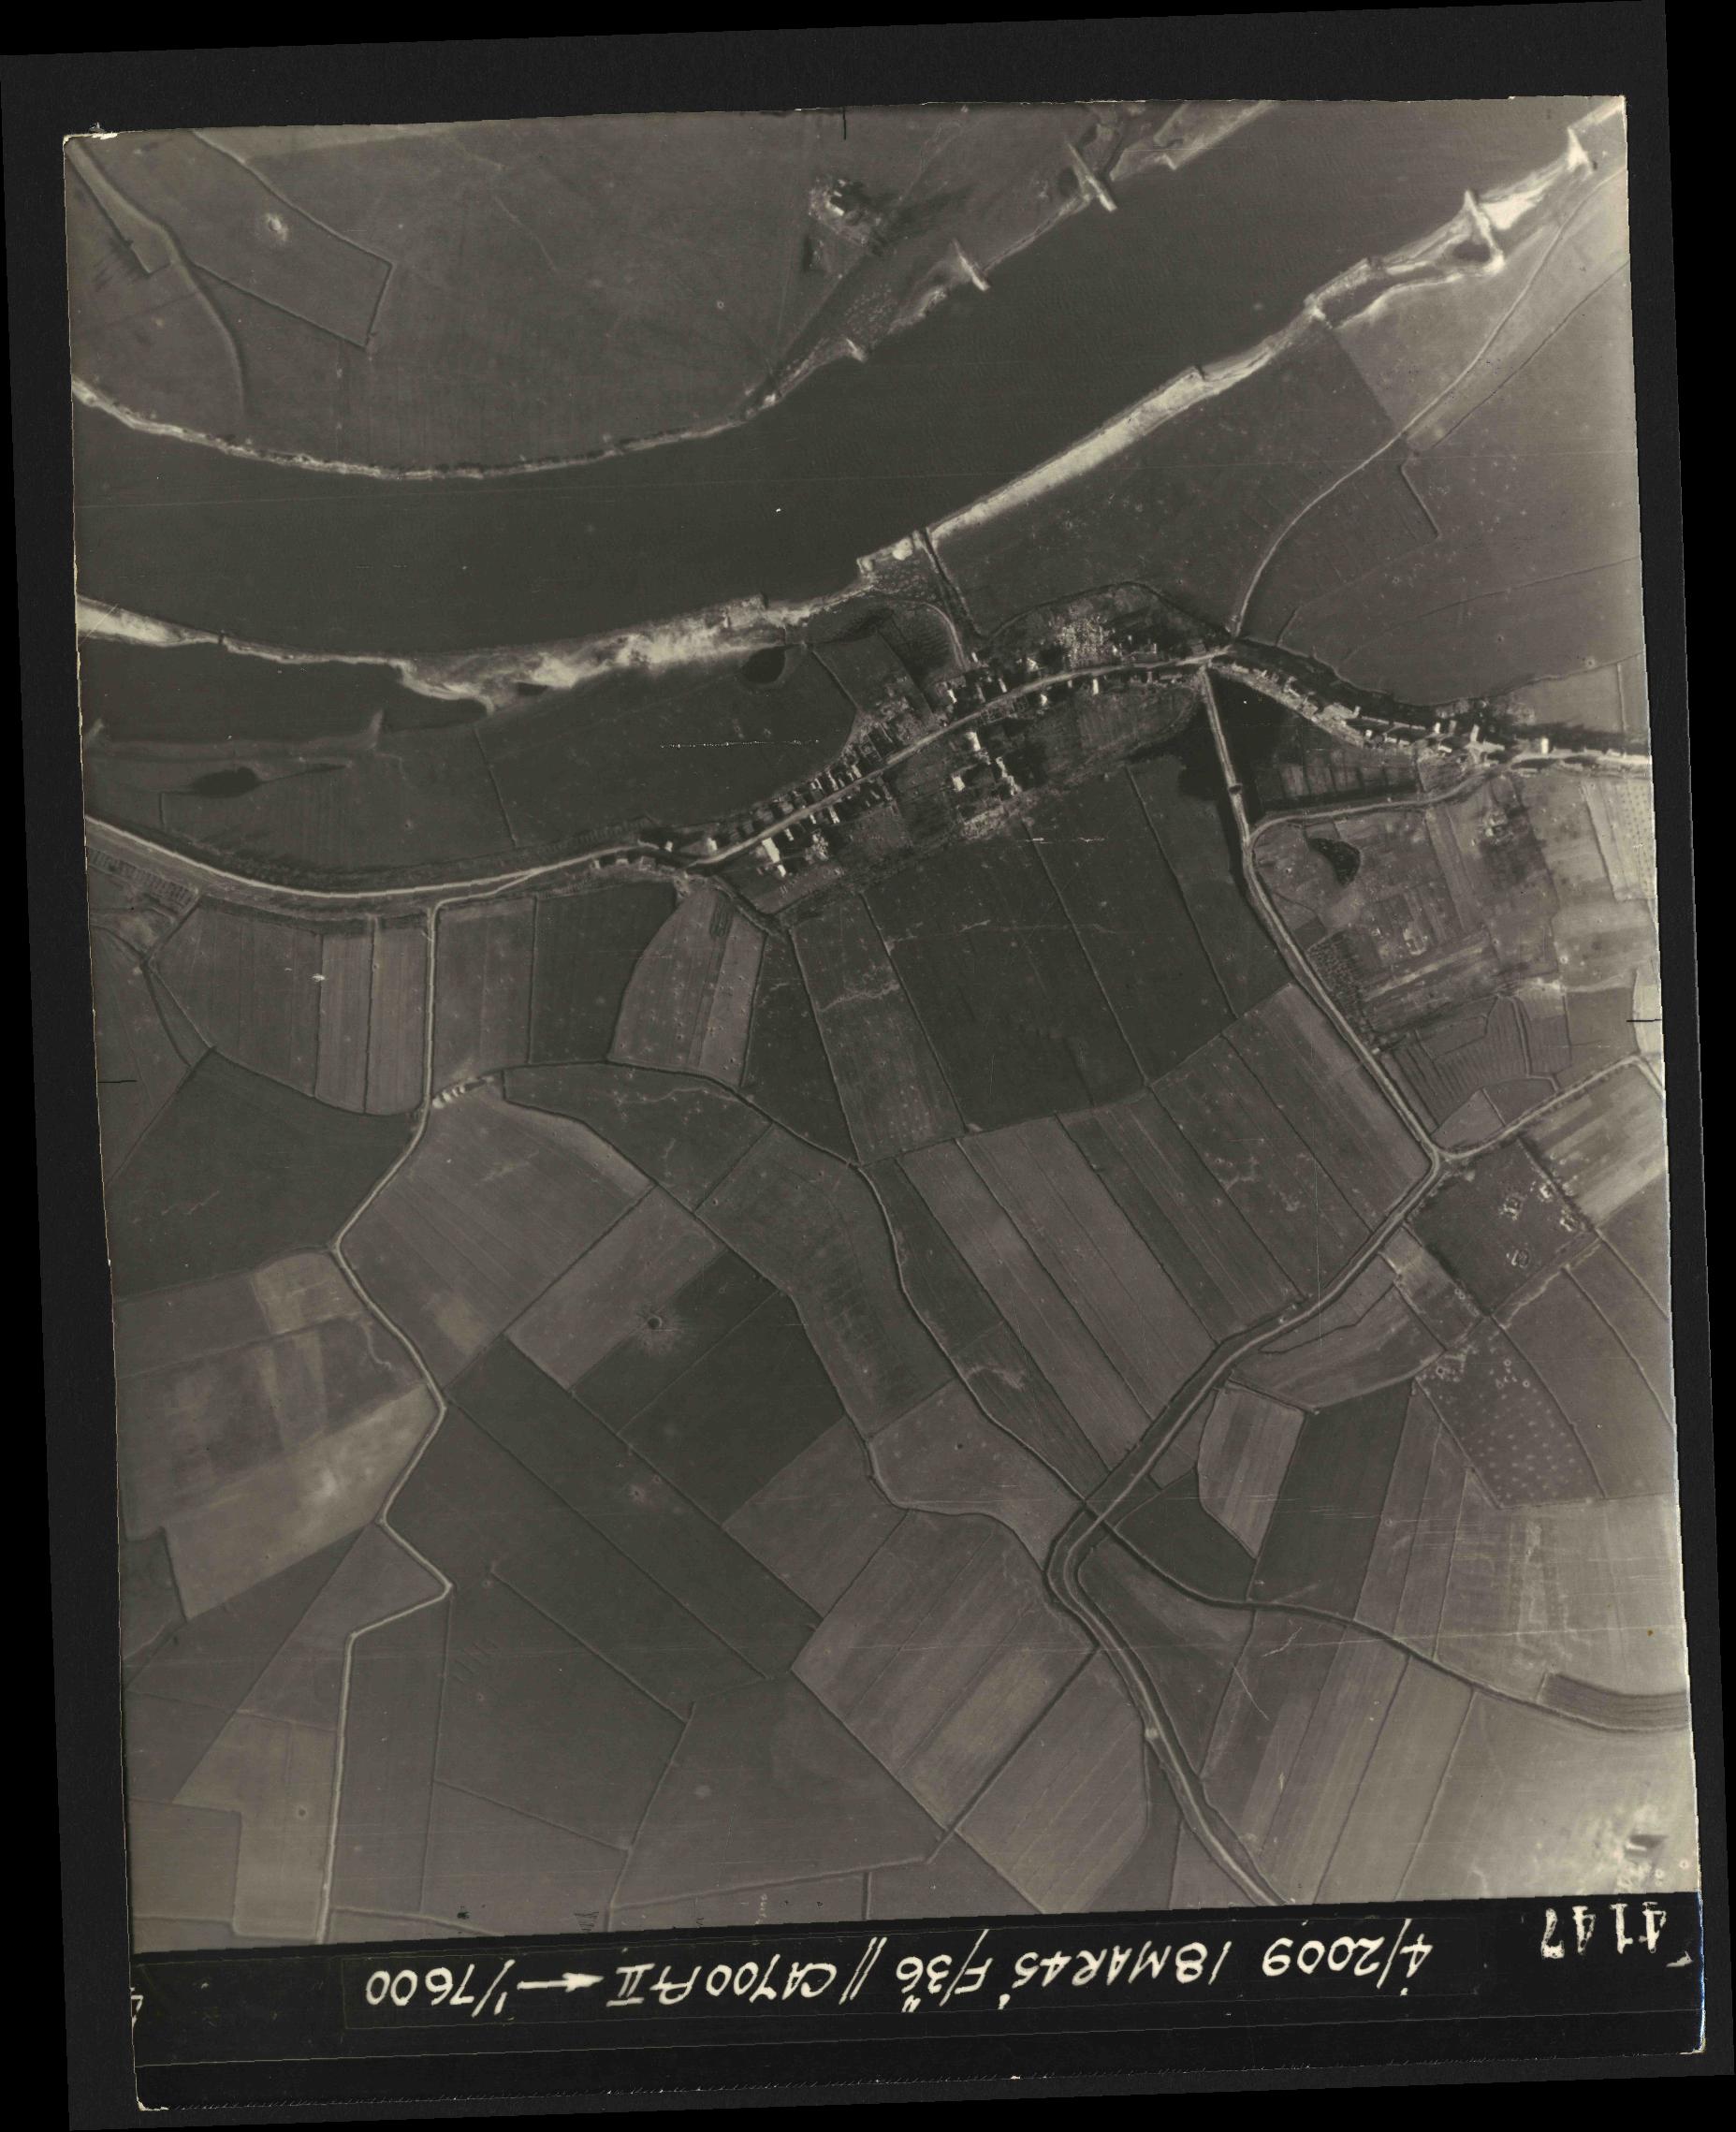 Collection RAF aerial photos 1940-1945 - flight 017, run 09, photo 4147